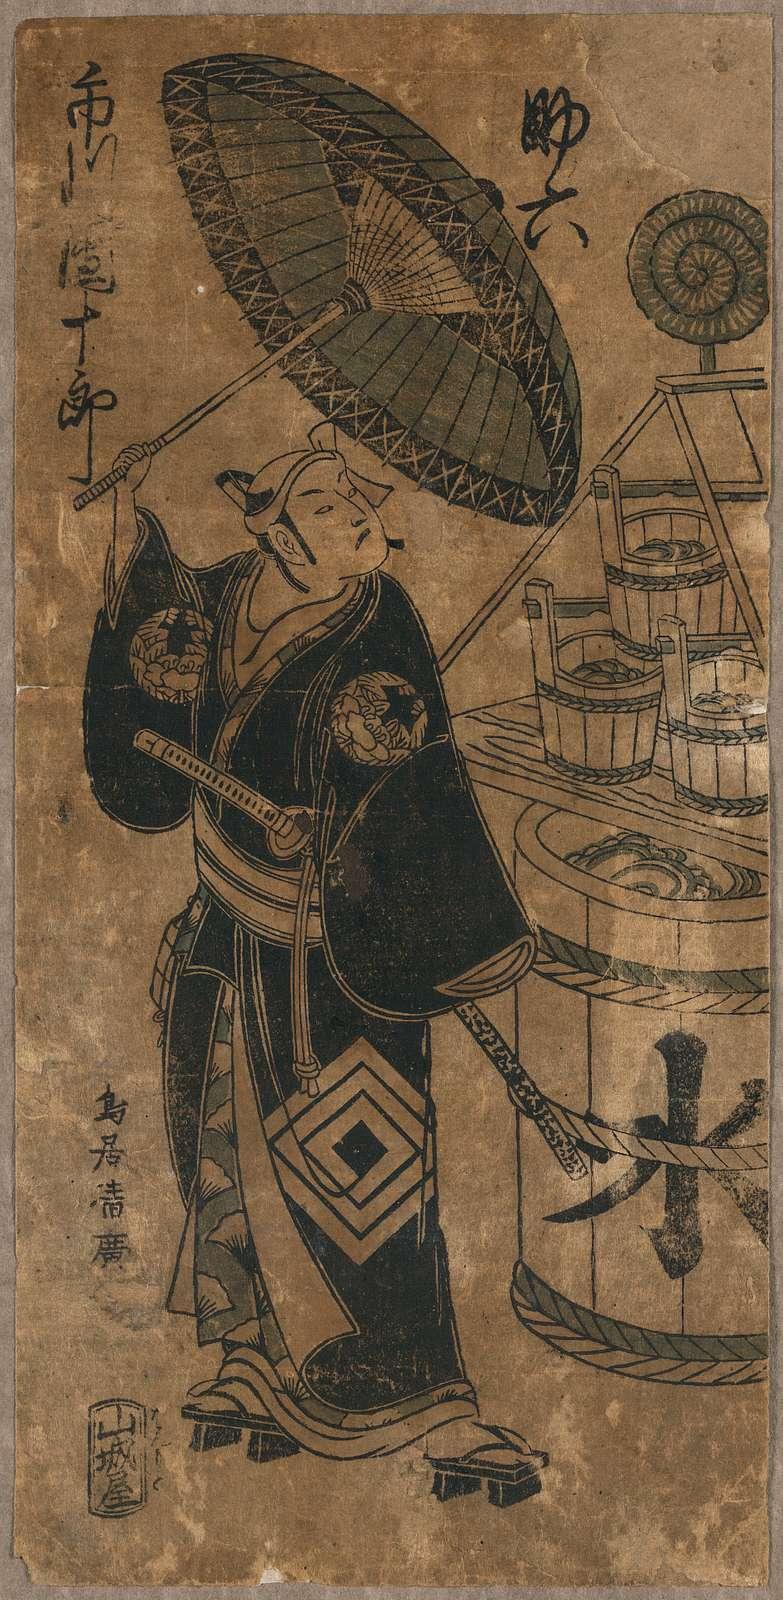 Ichikawa danjūrō no sukeroku